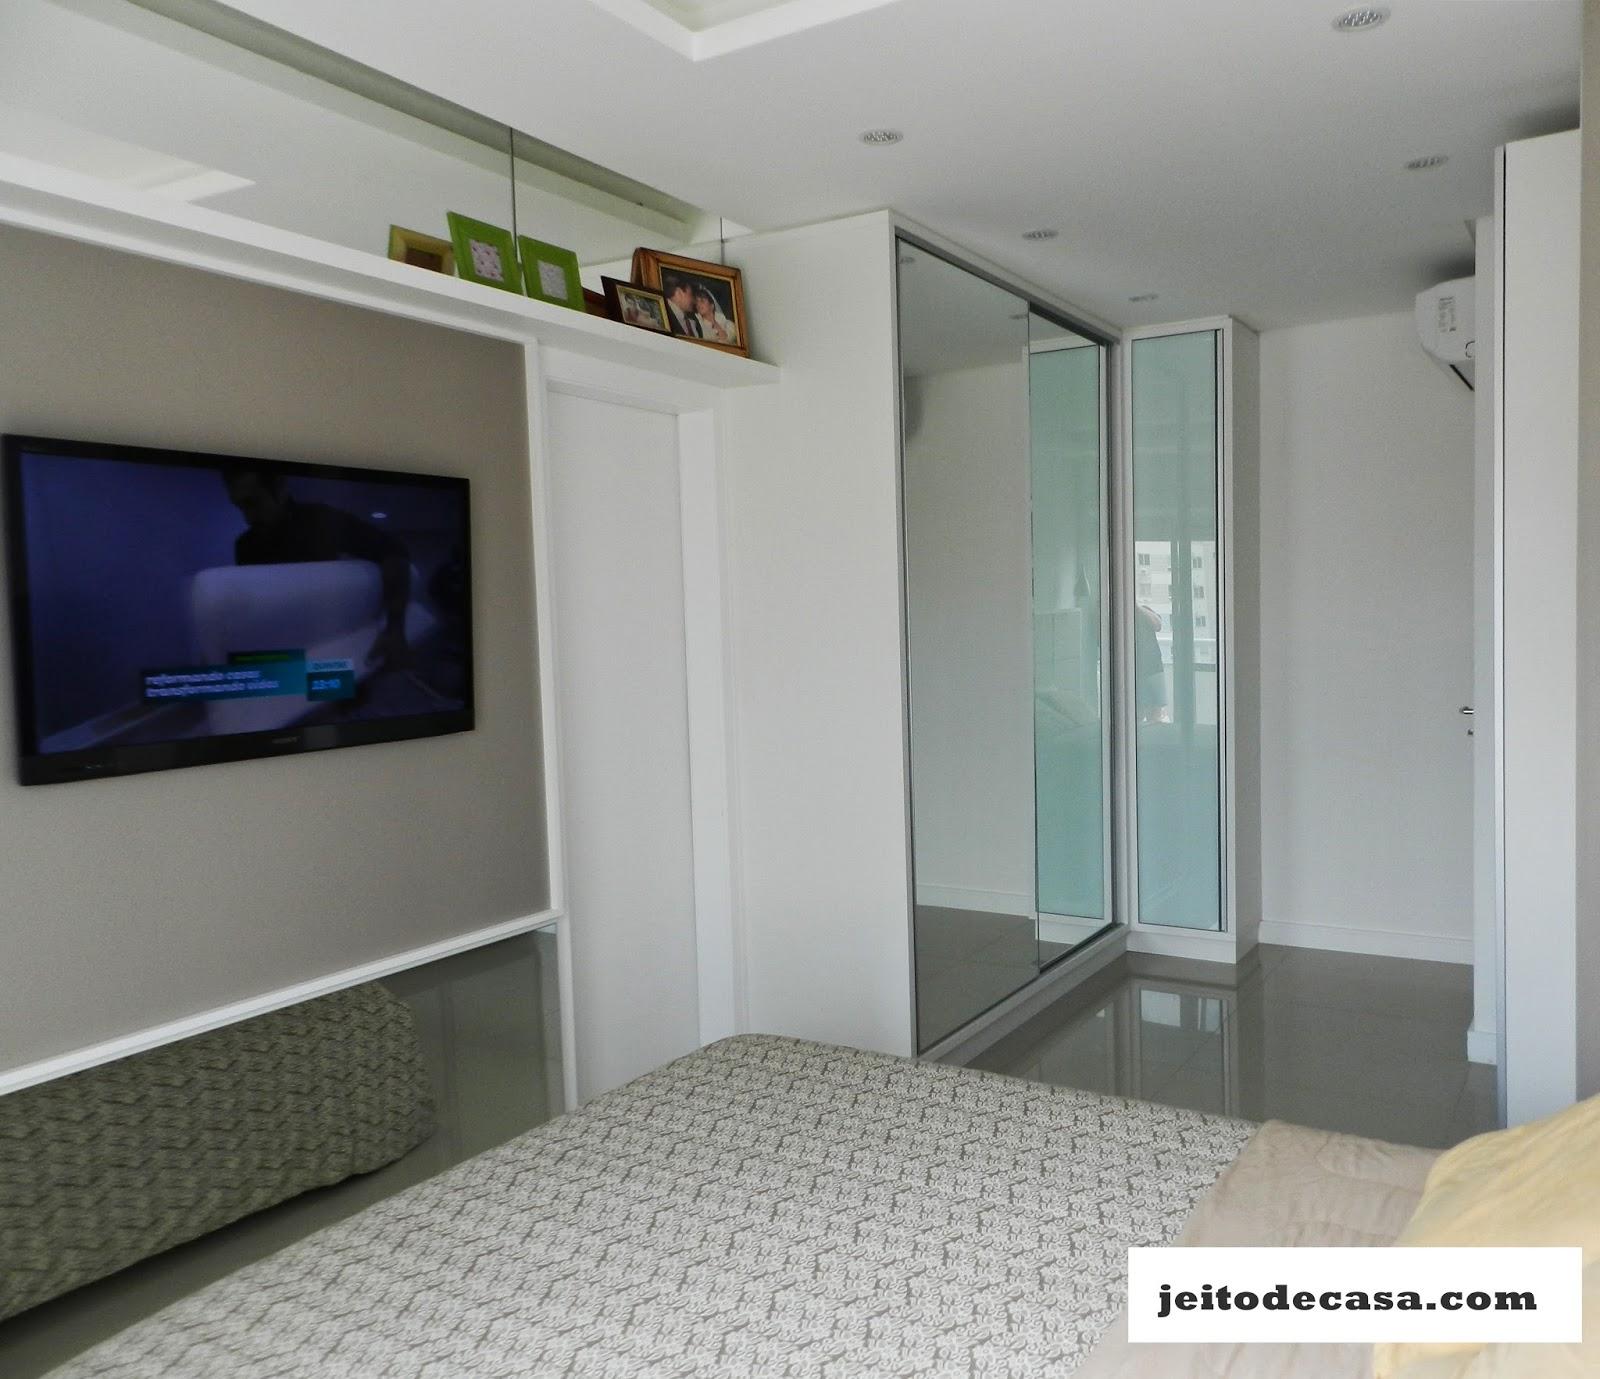 Armario Banheiro Usado  rinkratmagcom banheiros decorados 2017 -> Armario De Banheiro Brisa